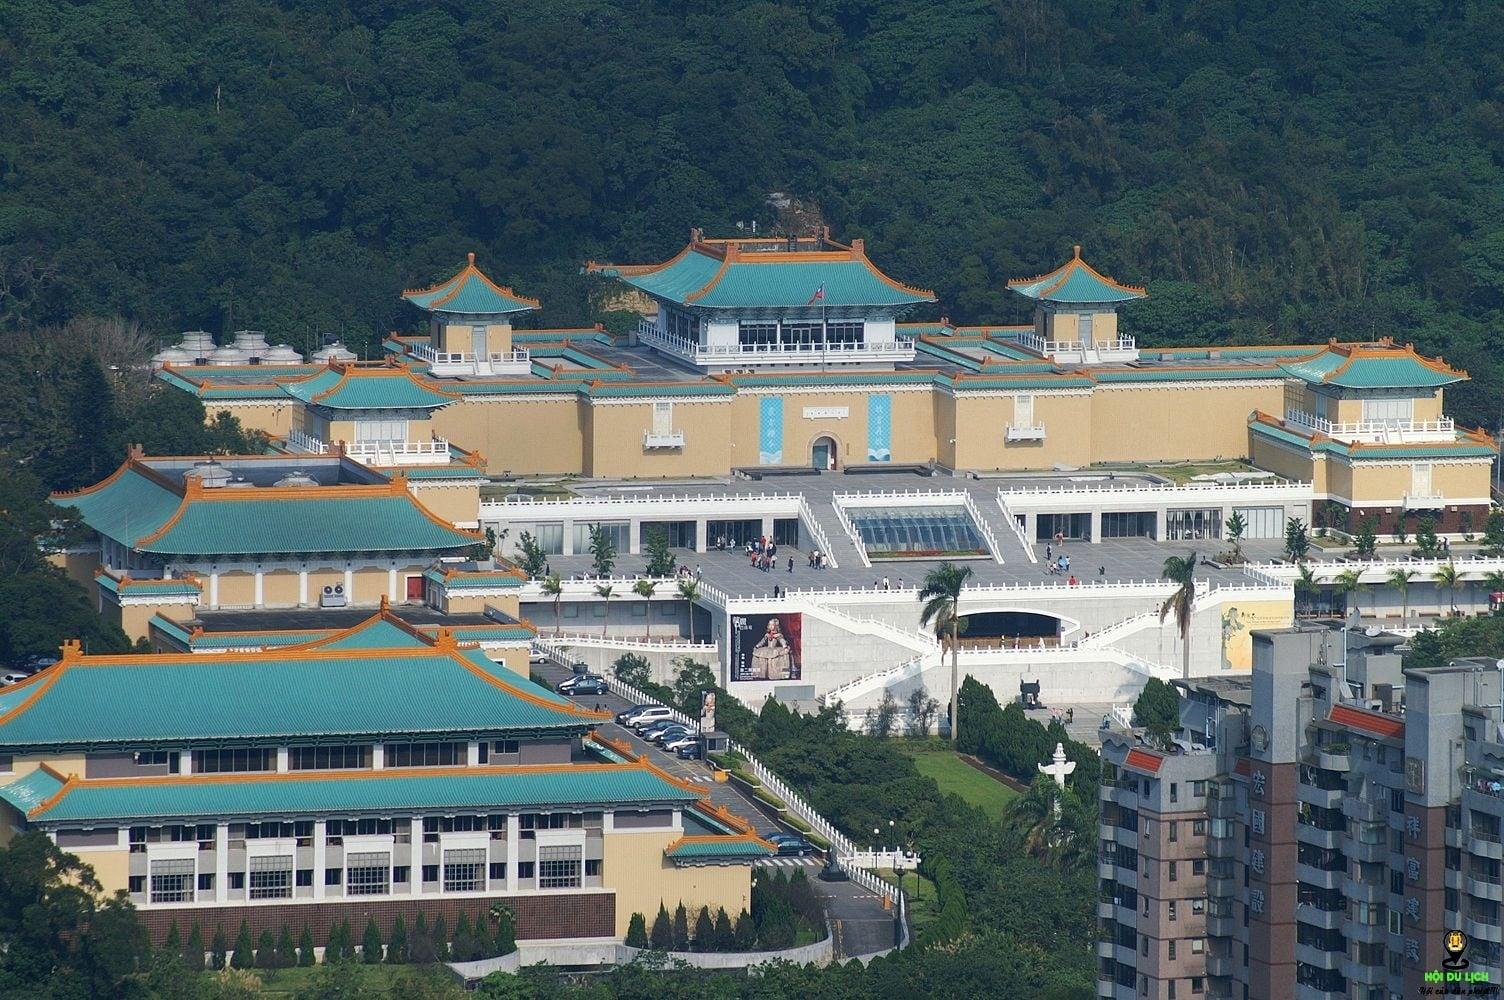 Top 4 điểm du lịch đẹp tráng lệ mà bạn không thể bỏ qua ở Đài Loan